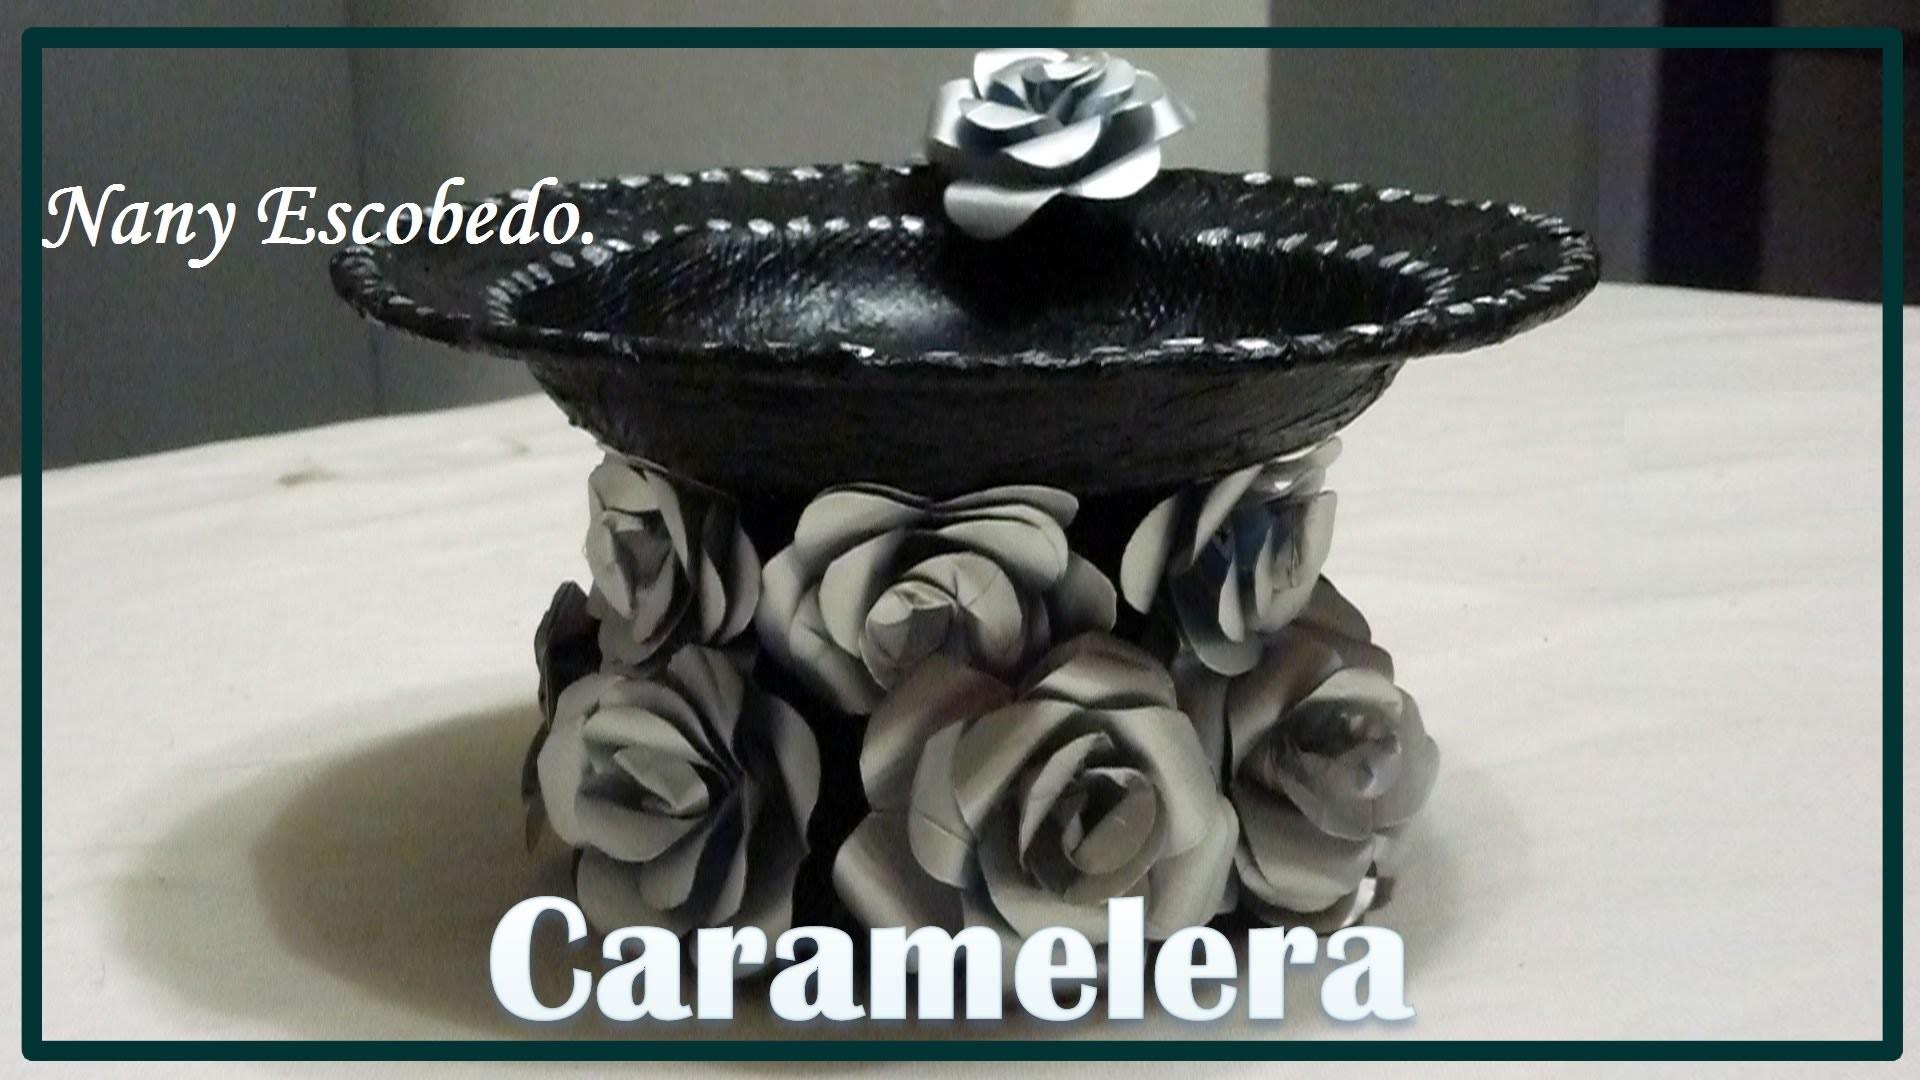 CARAMELERA. Candy Tray